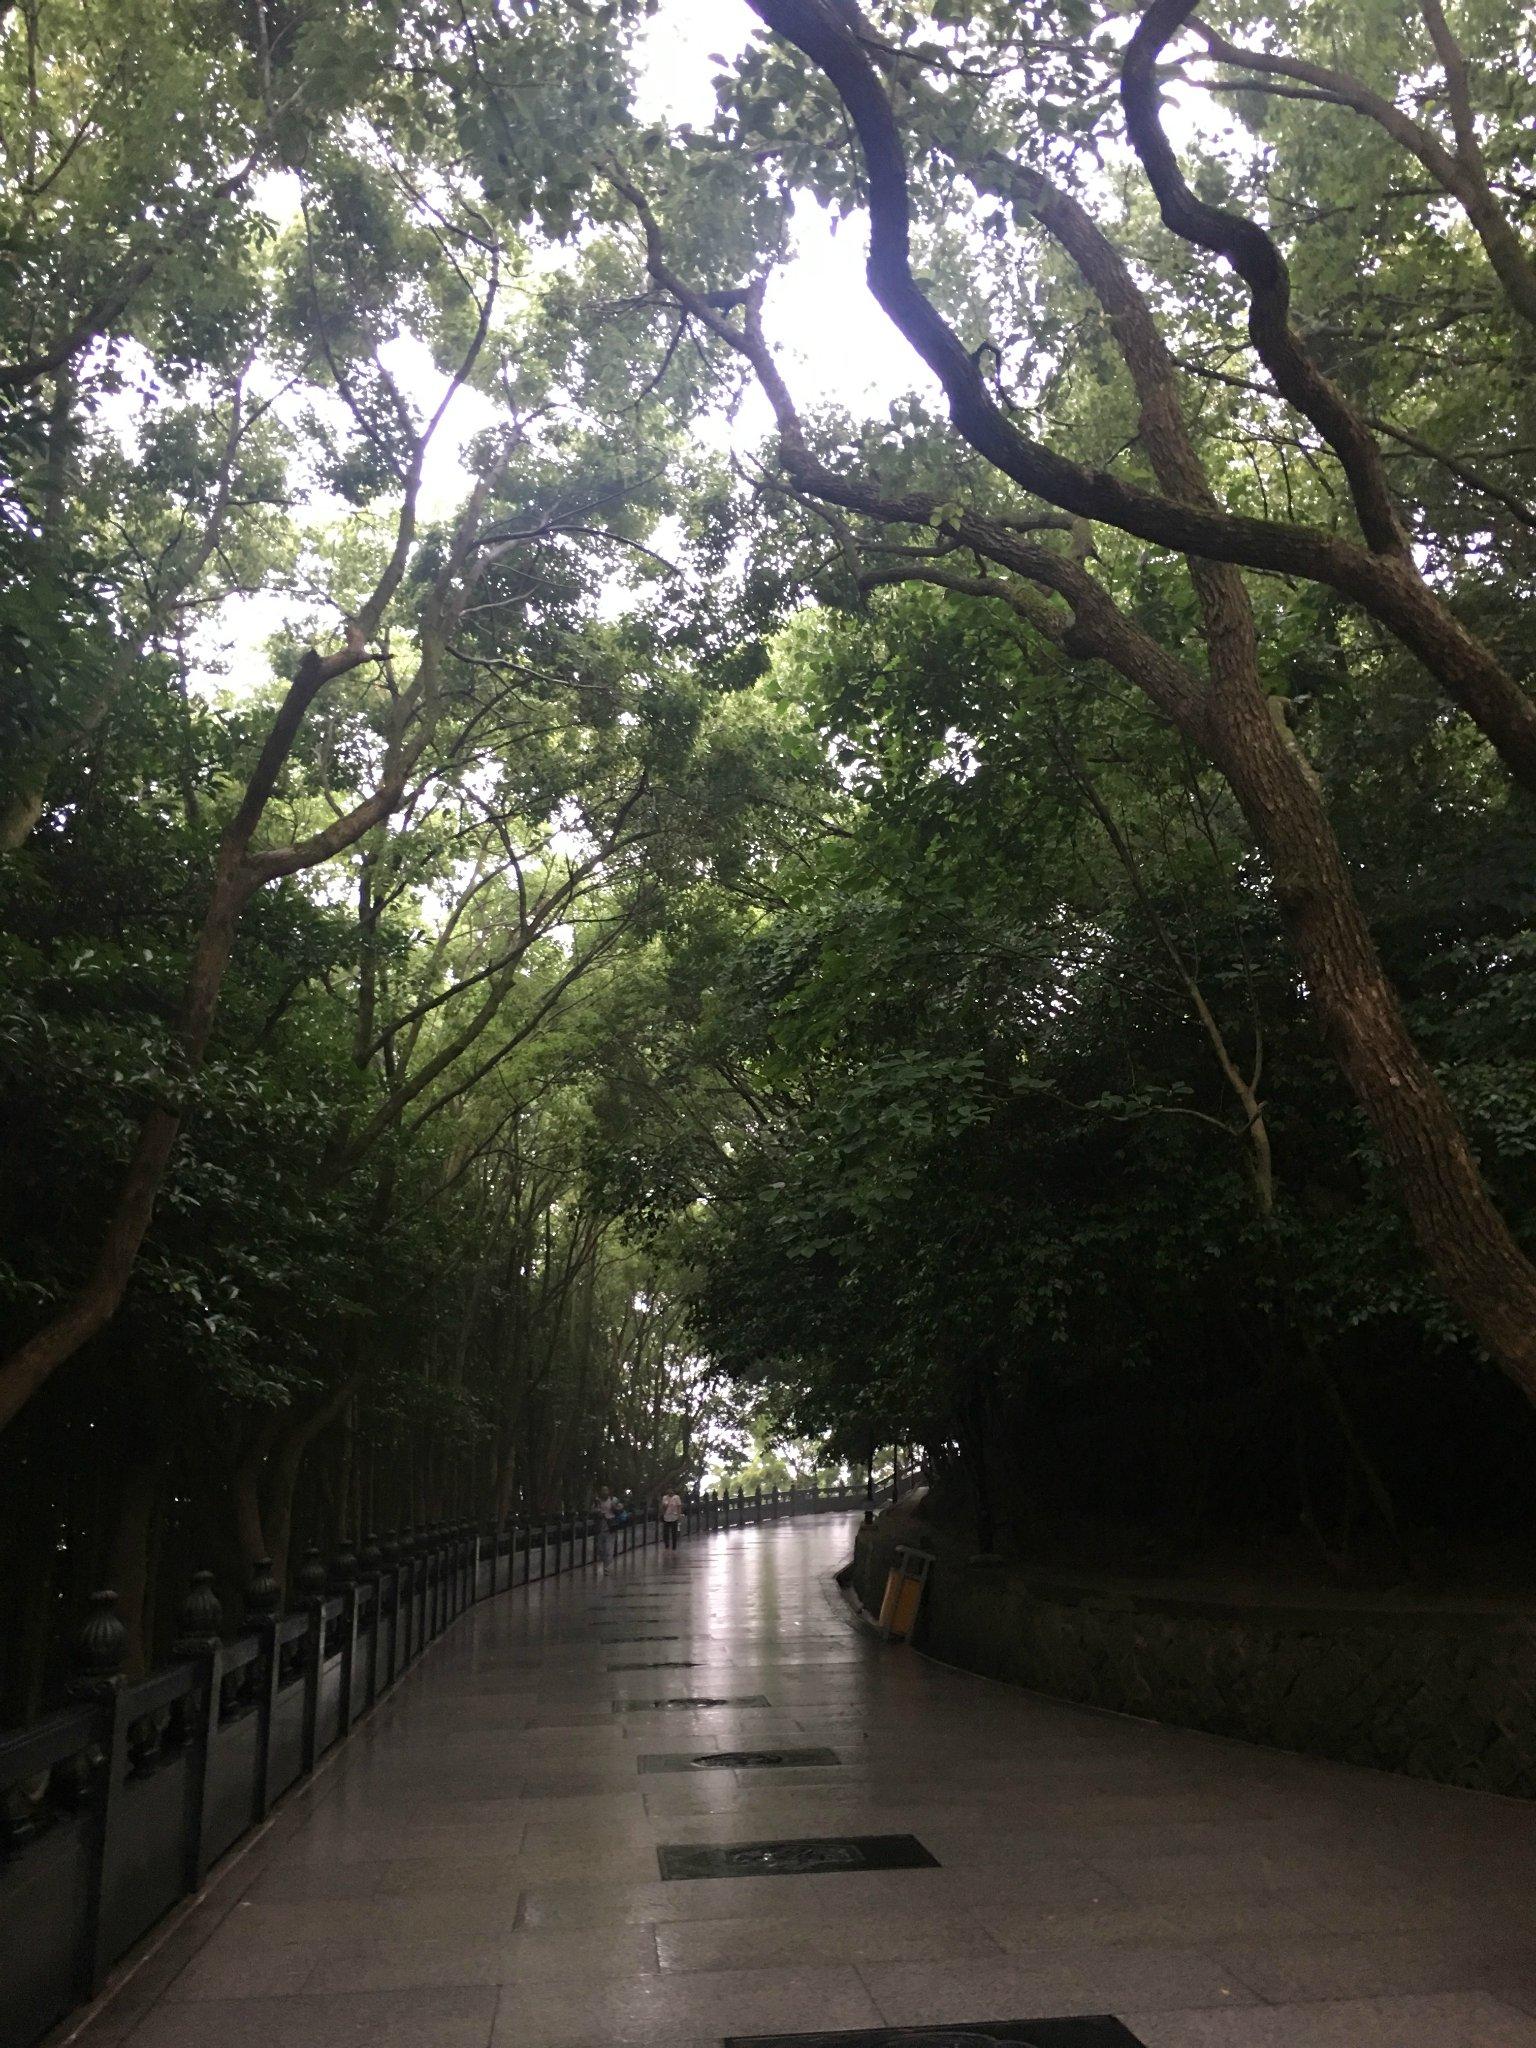 201833米高南海攻略游玩观音,南海攻略大佛应南京动物园观音图片